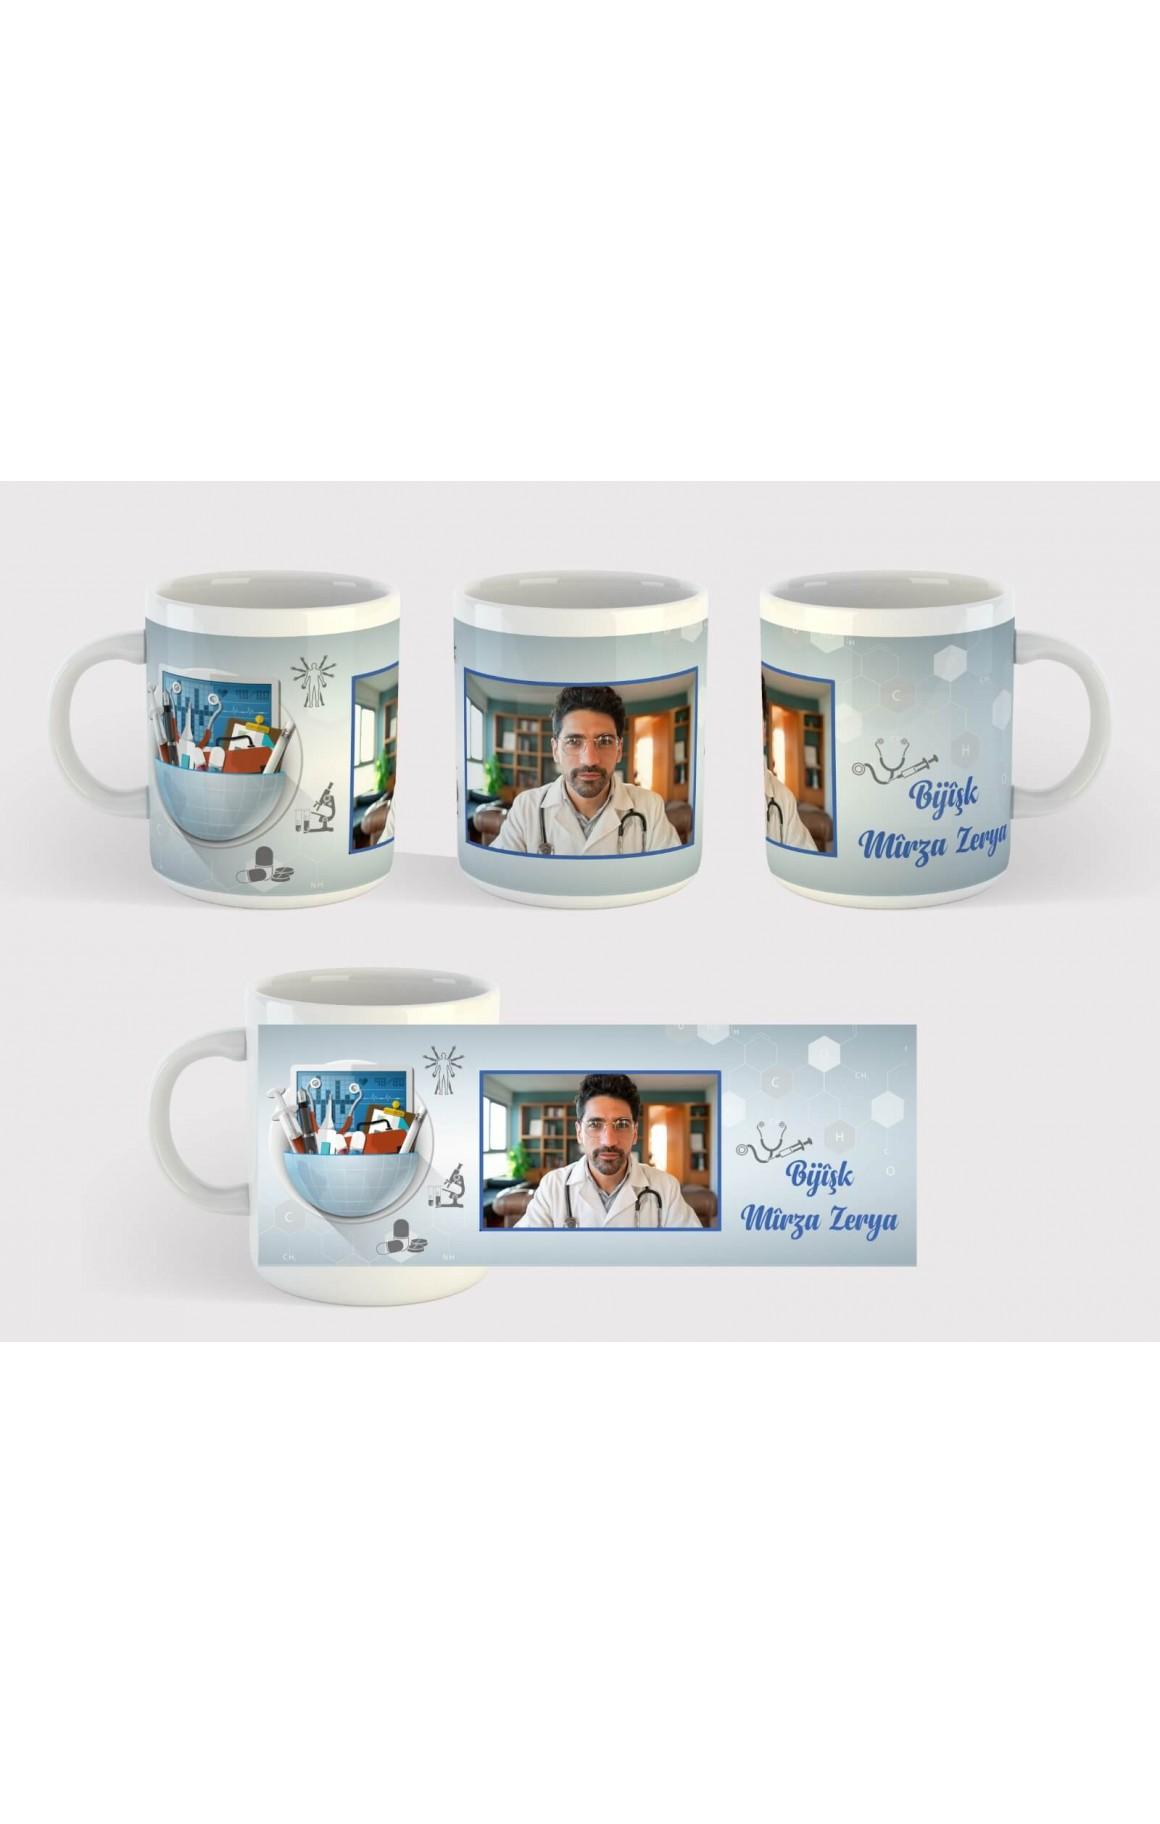 Doktorlara Özel İsimli ve Resimli Porselen Kupa